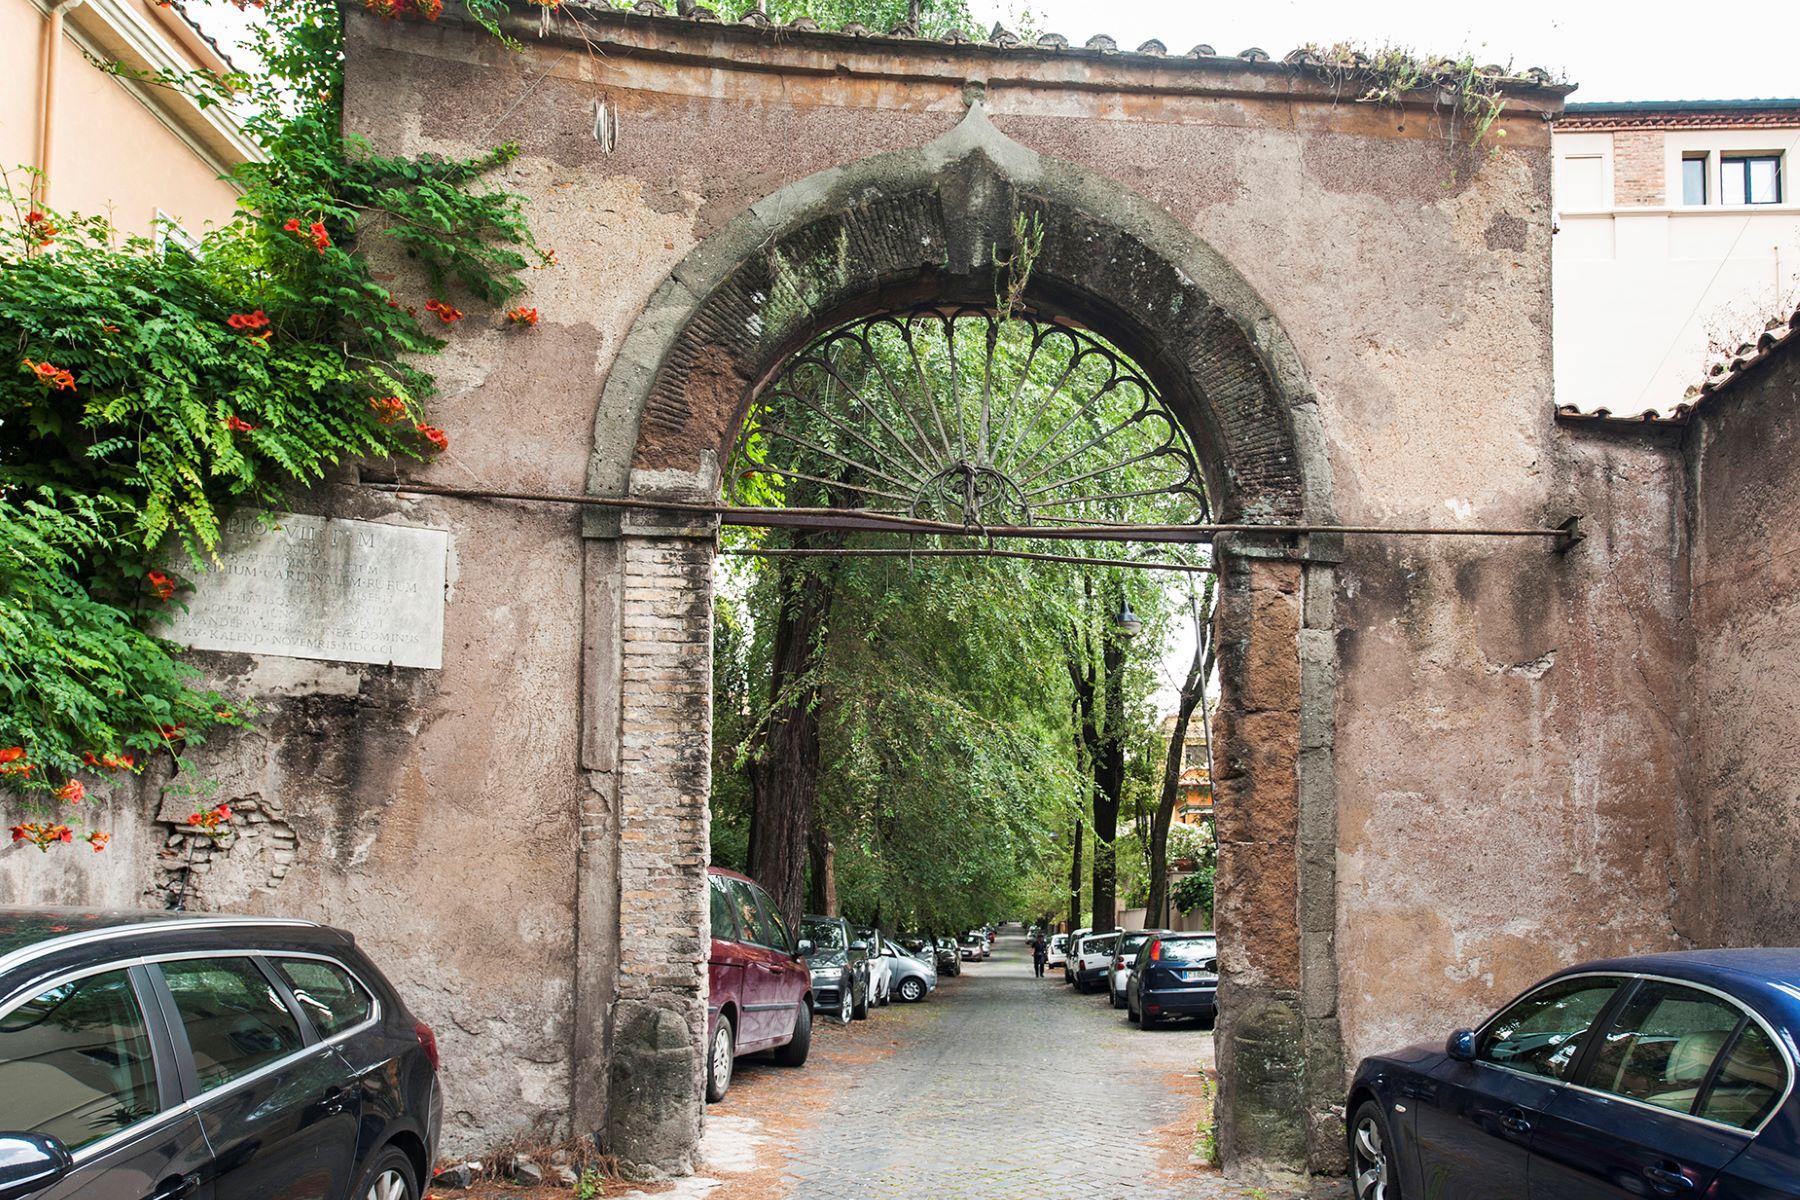 Квартира для того Продажа на Beautiful apartment at the Terme di Caracalla Rome, Рим, Италия